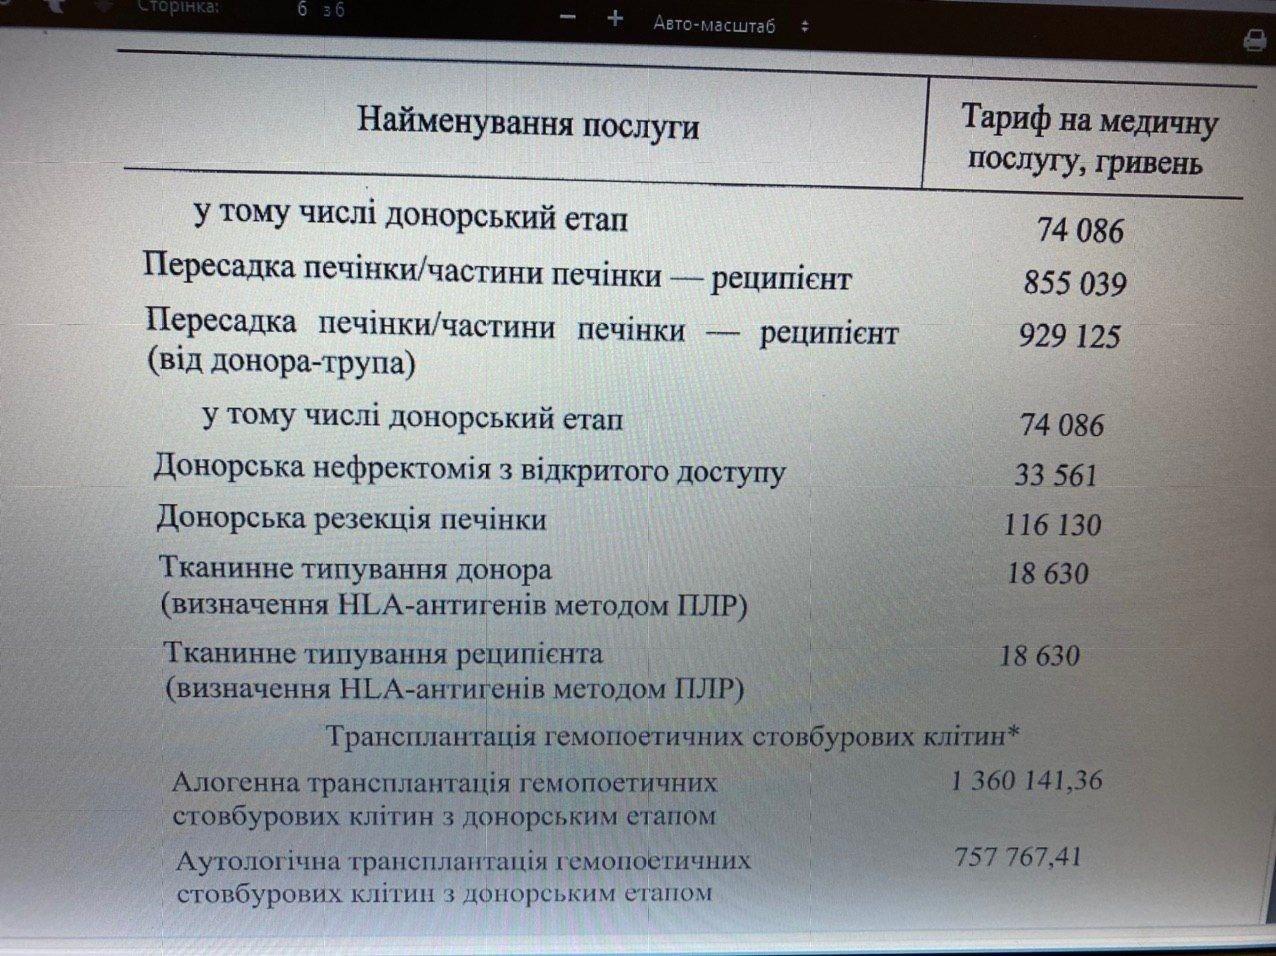 Уряд затвердив тарифи на трансплантацію органів: суми вражають